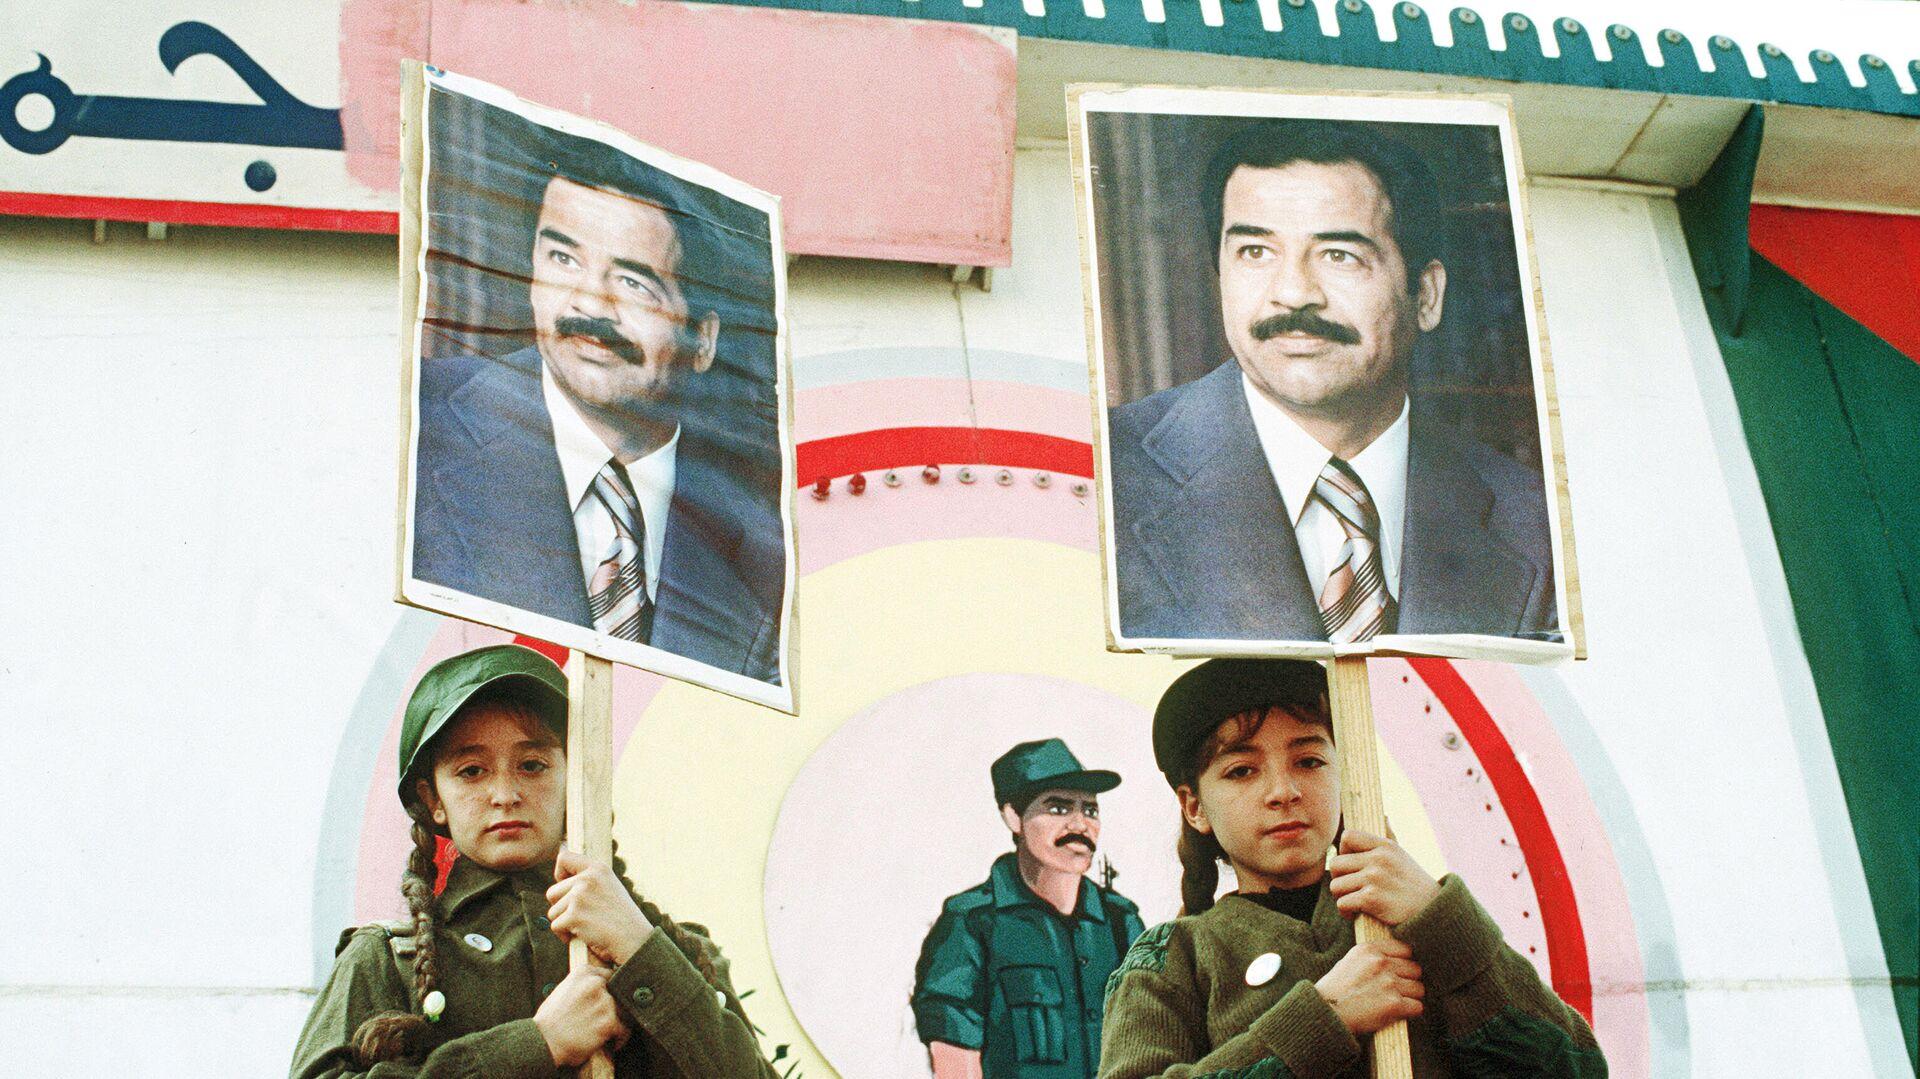 Иракские девочки с портретами президента страны Саддама Хусейна во время антиамериканской демонстрации у посольства США в Багдаде в знак протеста против военных действий в Персидском заливе - РИА Новости, 1920, 07.02.2021